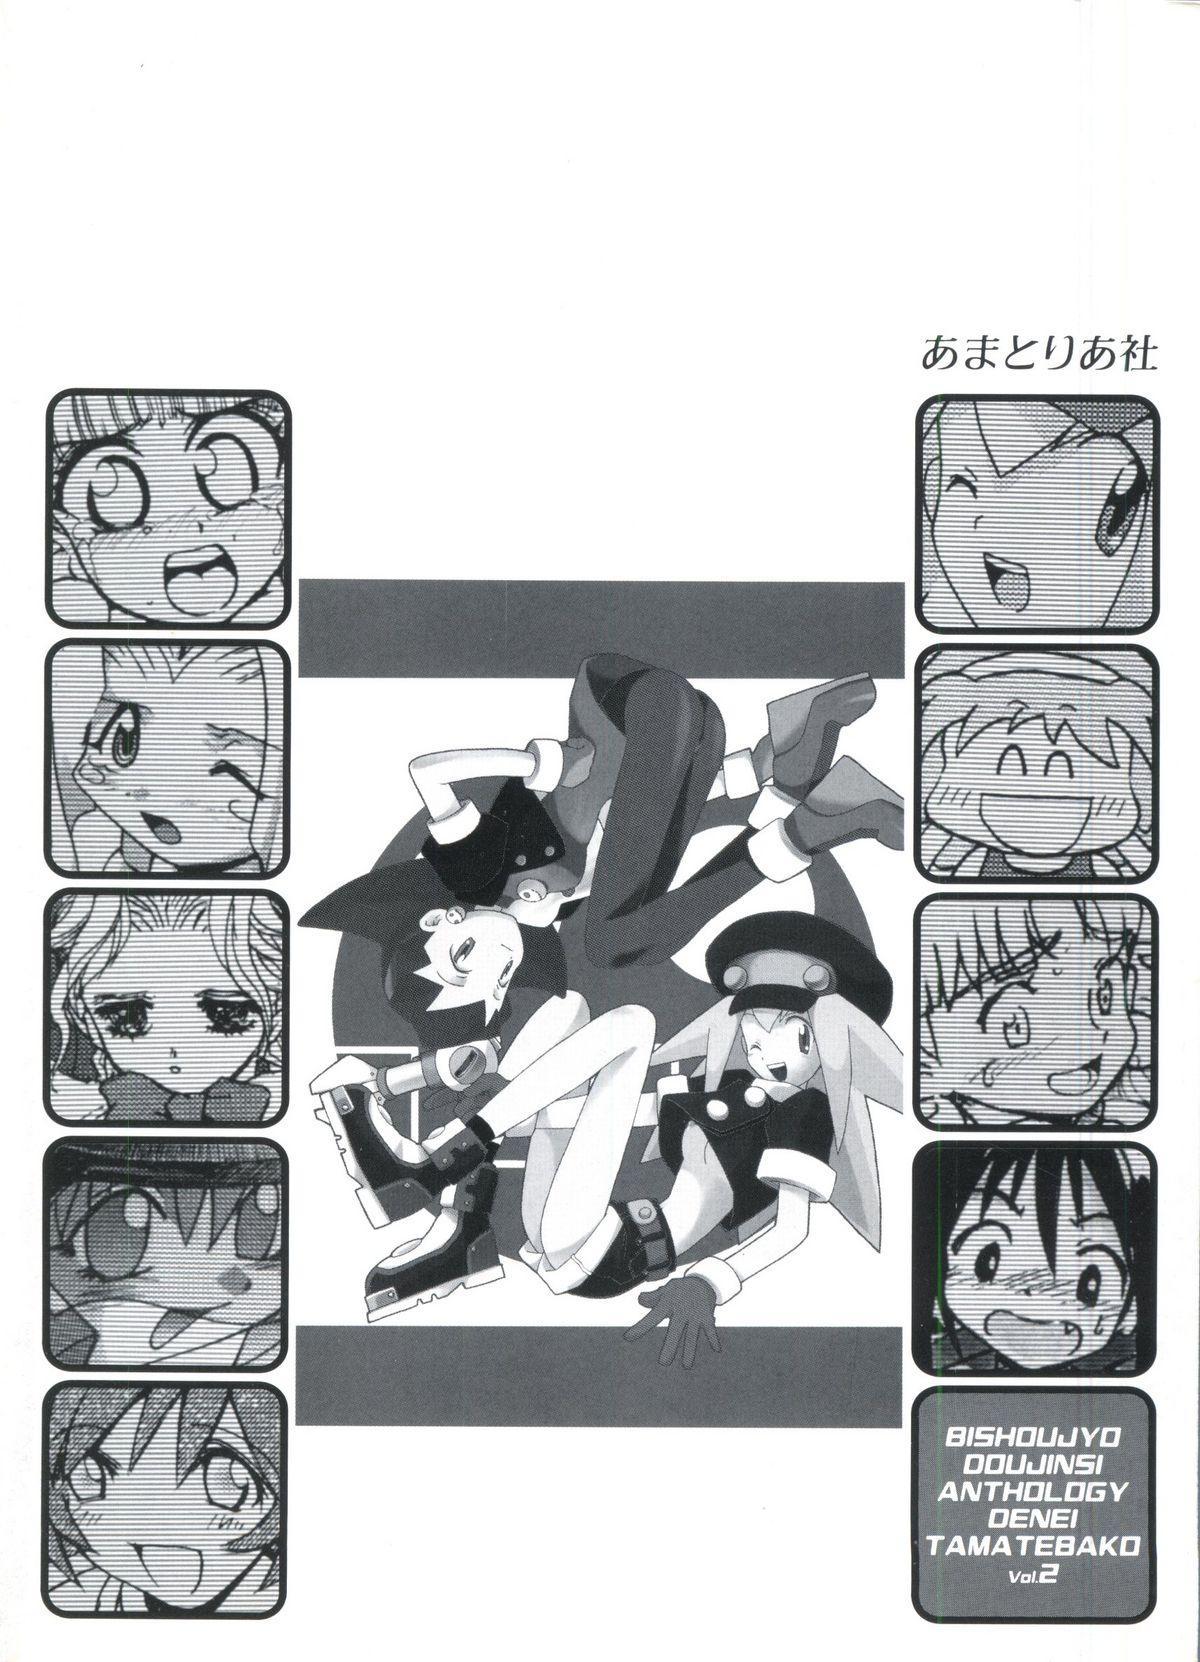 Denei Tamate Bako Bishoujo Doujinshi Anthology Vol. 2 - Nishinhou no Tenshi 142